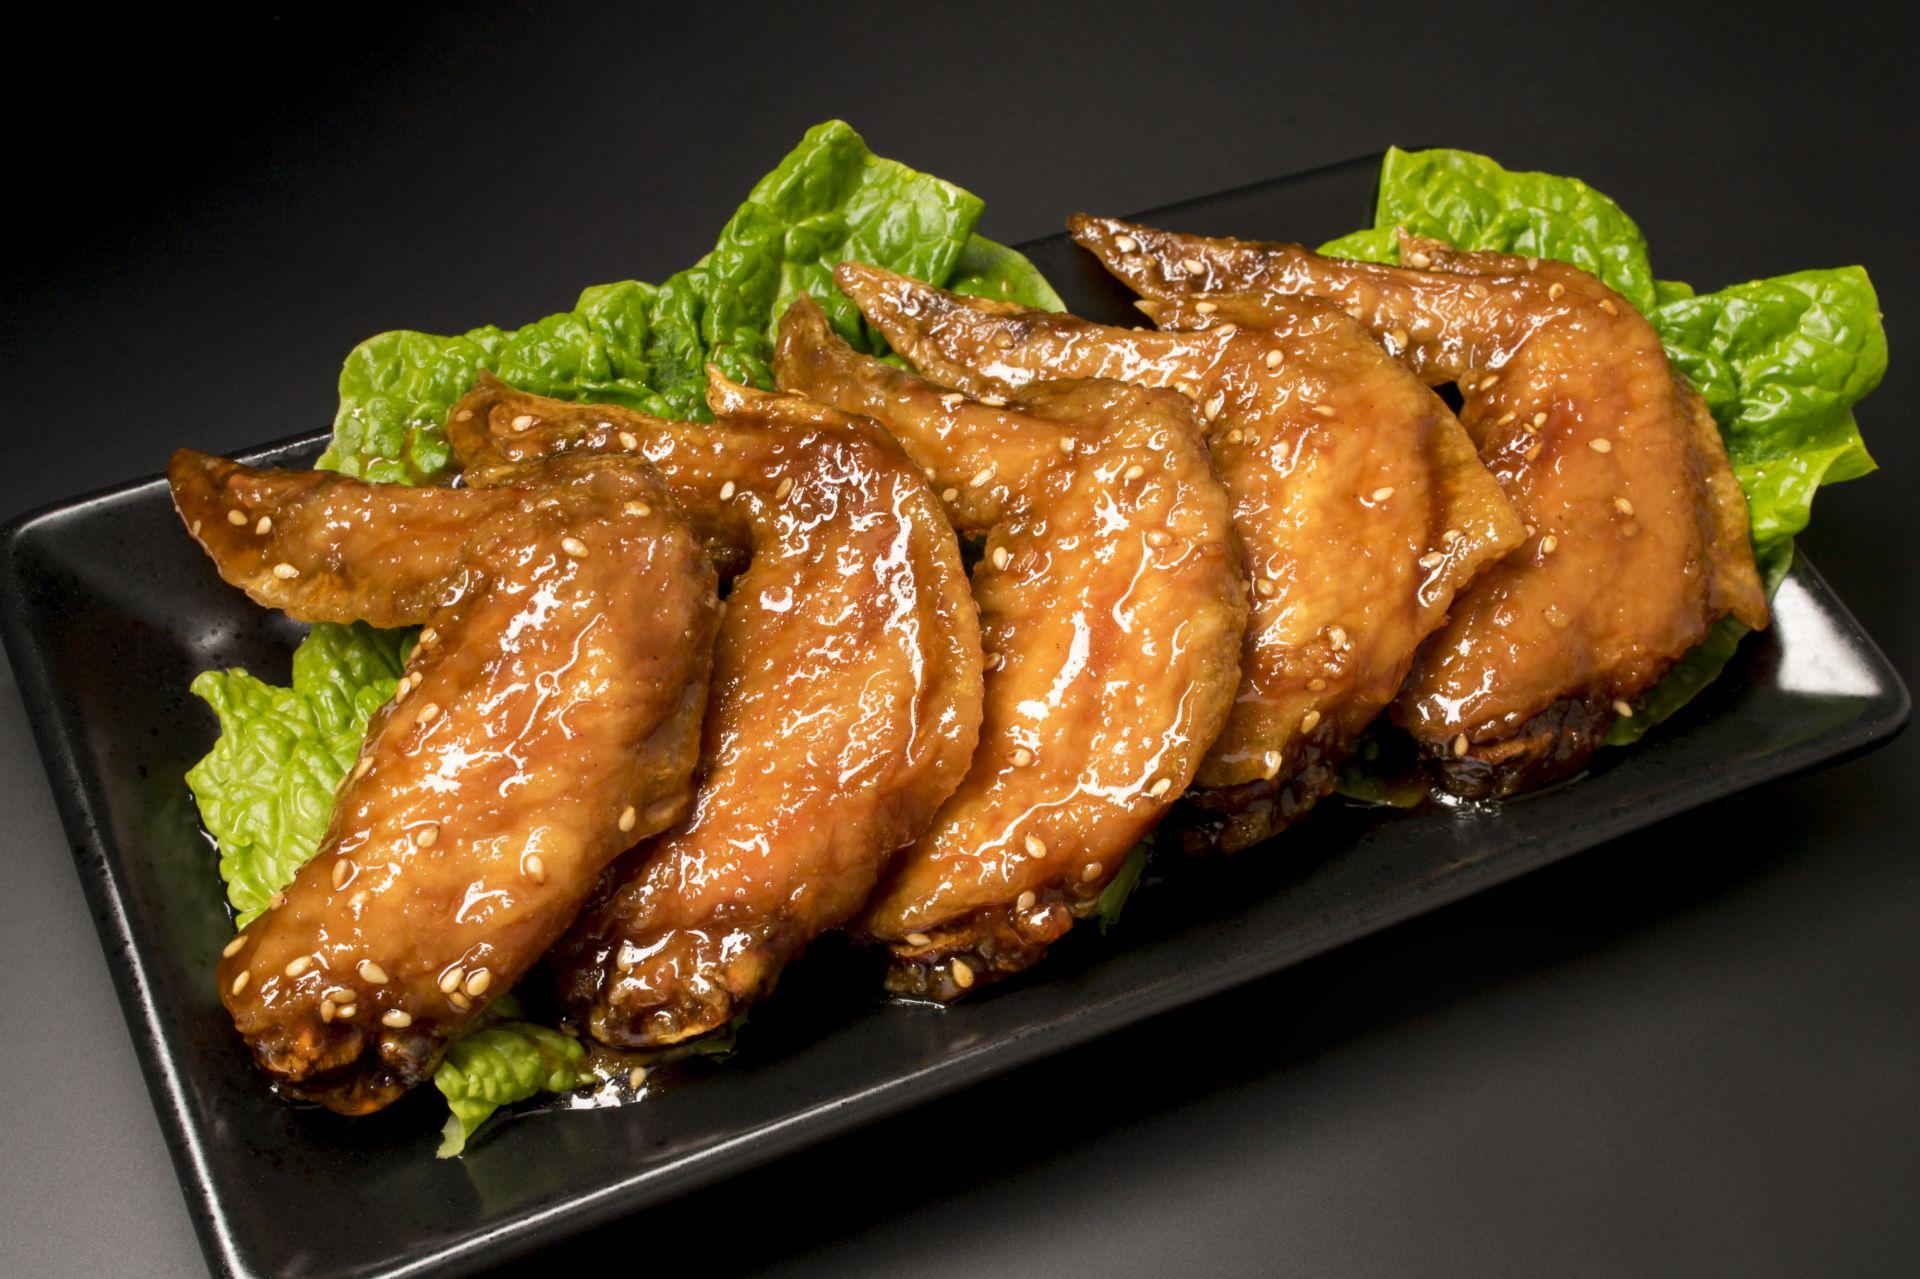 当地的各家餐厅皆有独特的酱汁和调味过的鸡翅